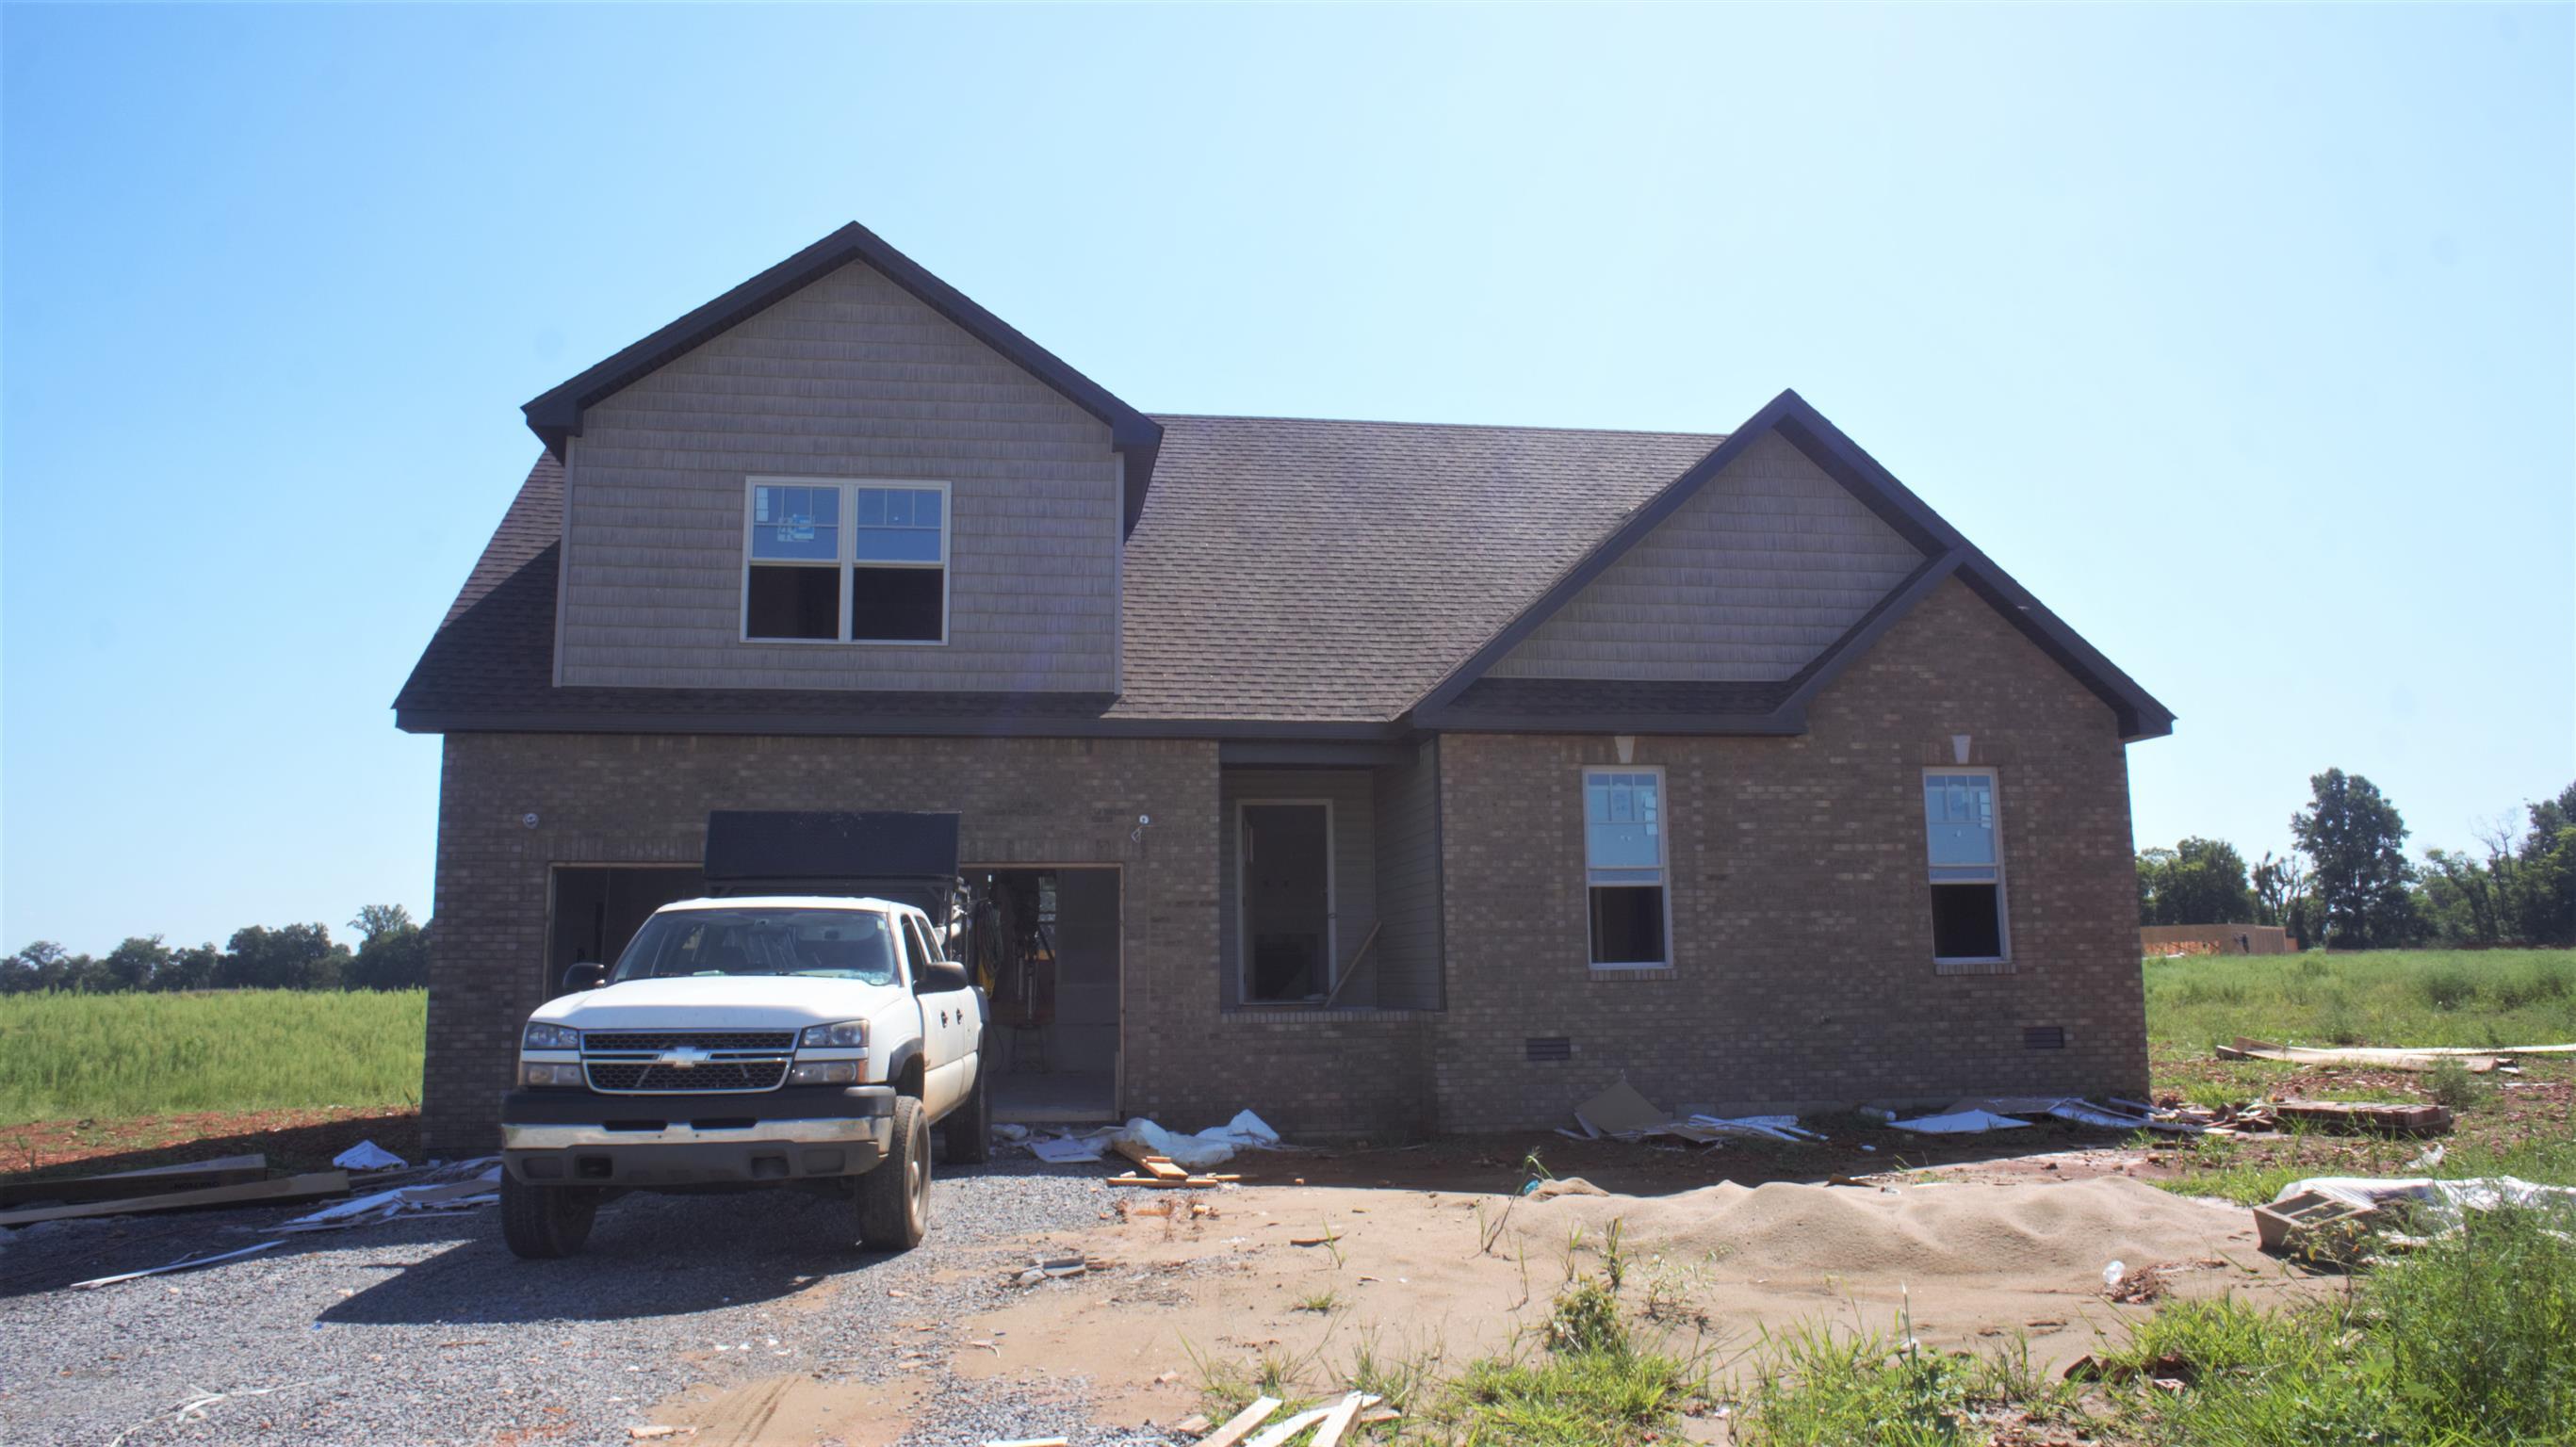 451 Autumnwood Farms , Clarksville, TN 37042 - Clarksville, TN real estate listing